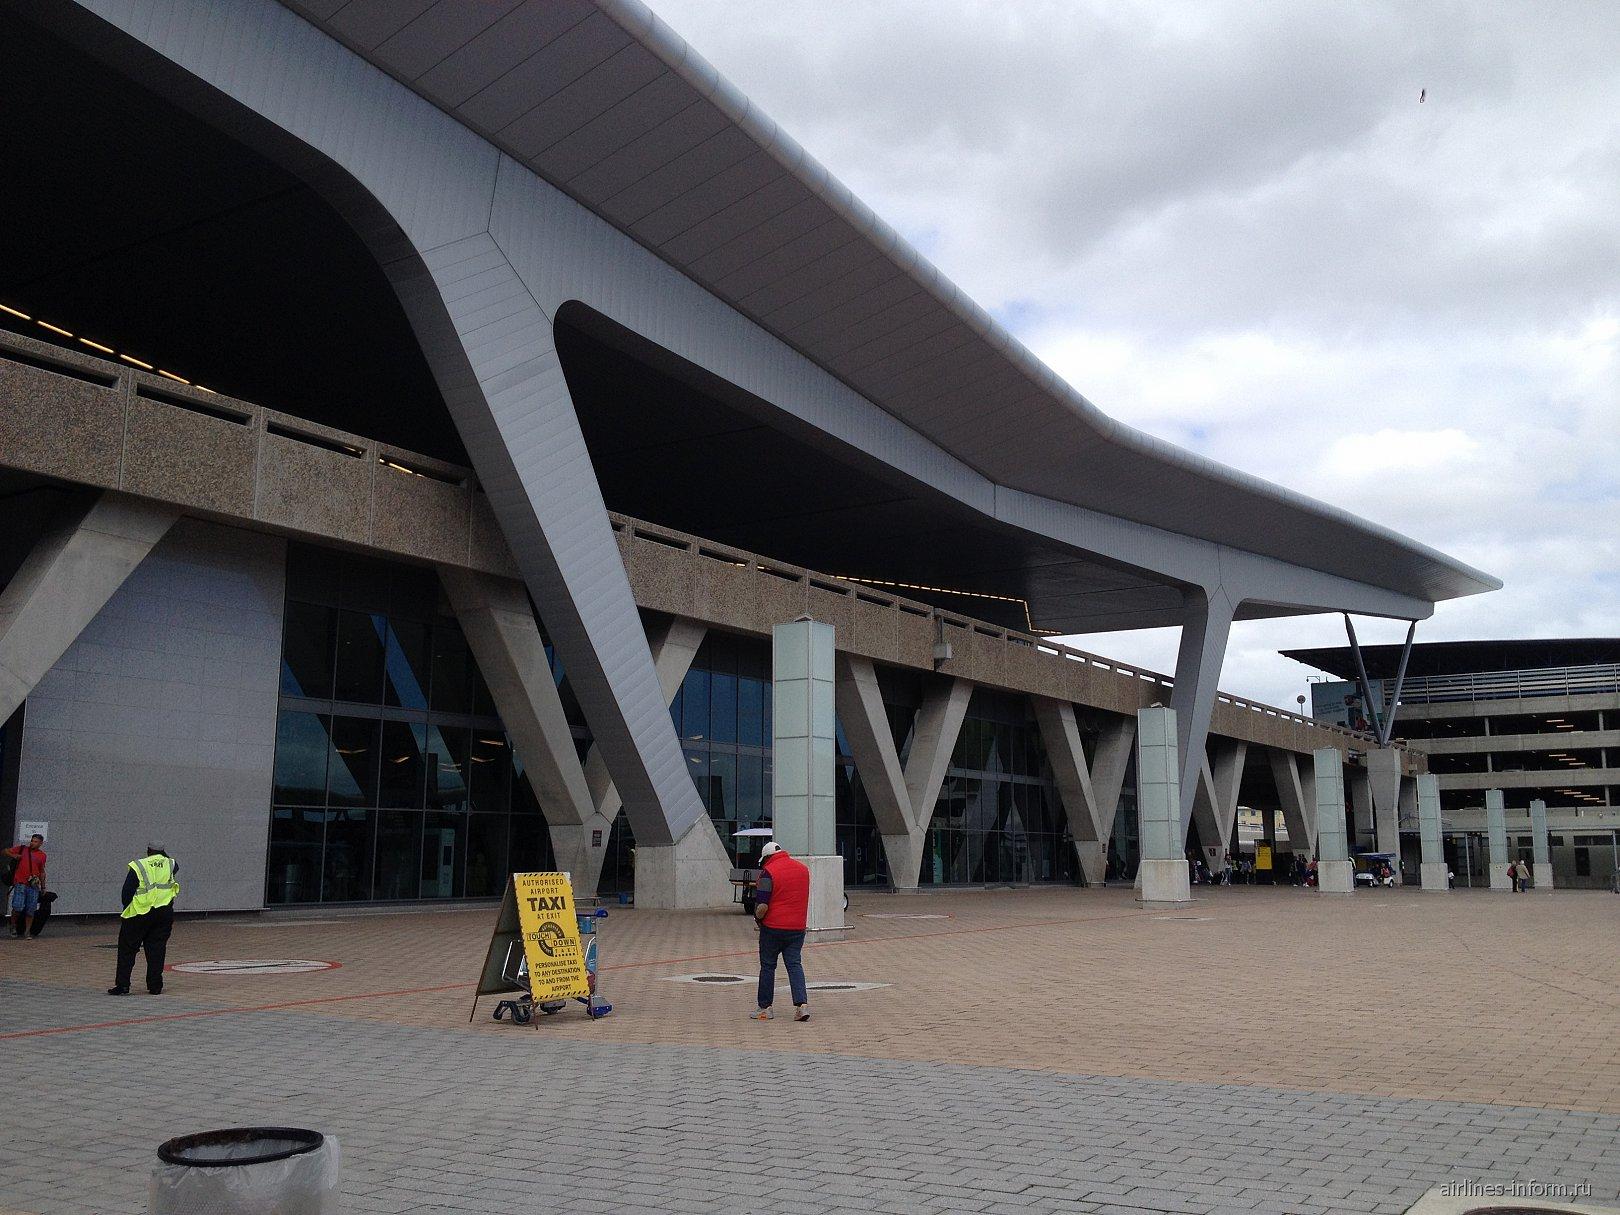 Пассажирский терминал аэропорта Кейптаун со стороны привокзальной плошади